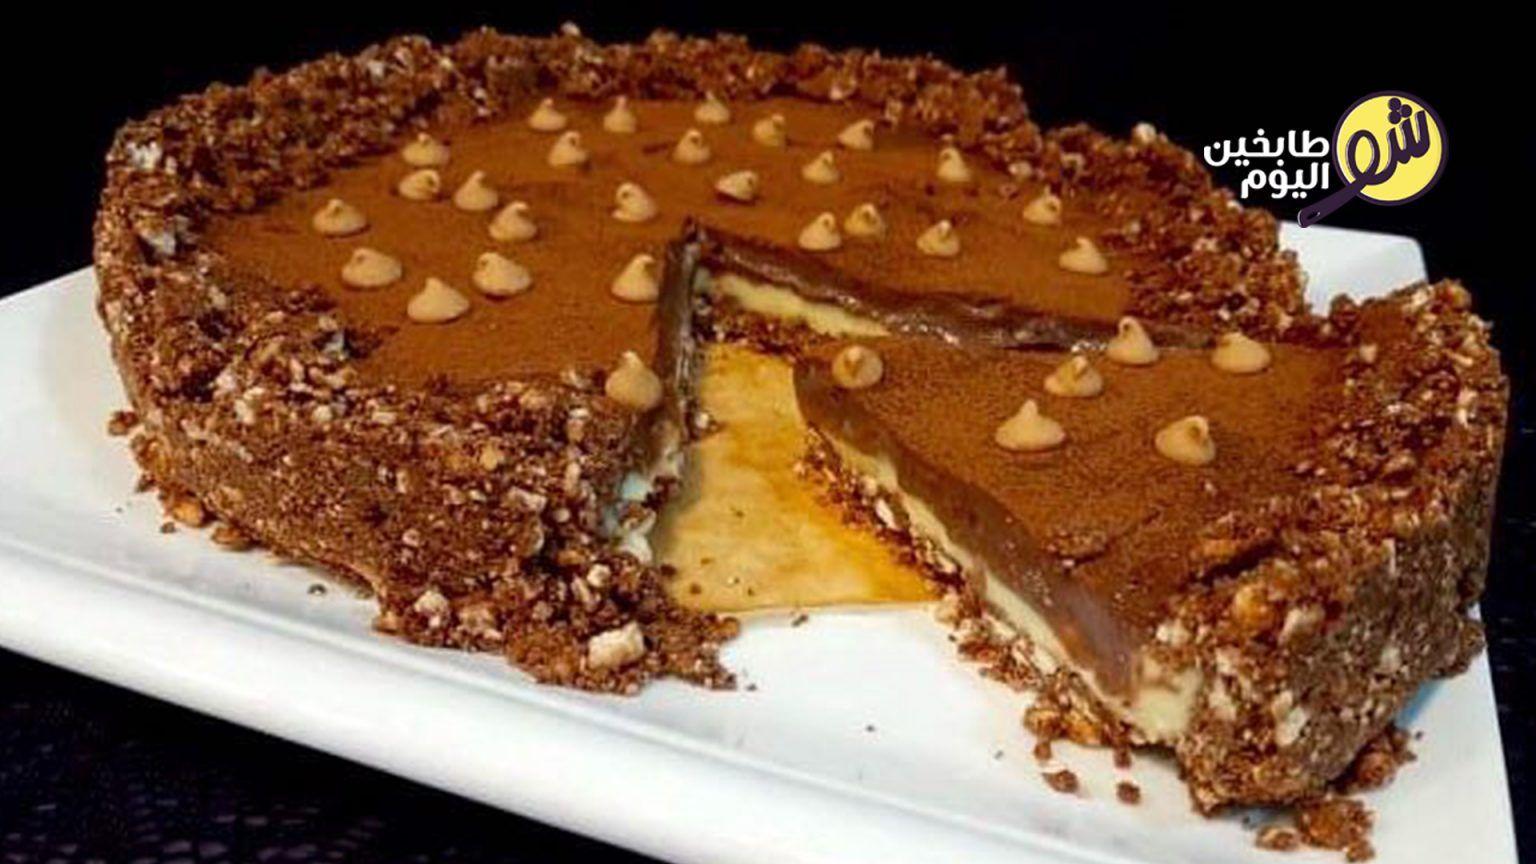 تارت الشوكولا والكراميل شو طابخين اليوم Dessert Recipes Desserts Food